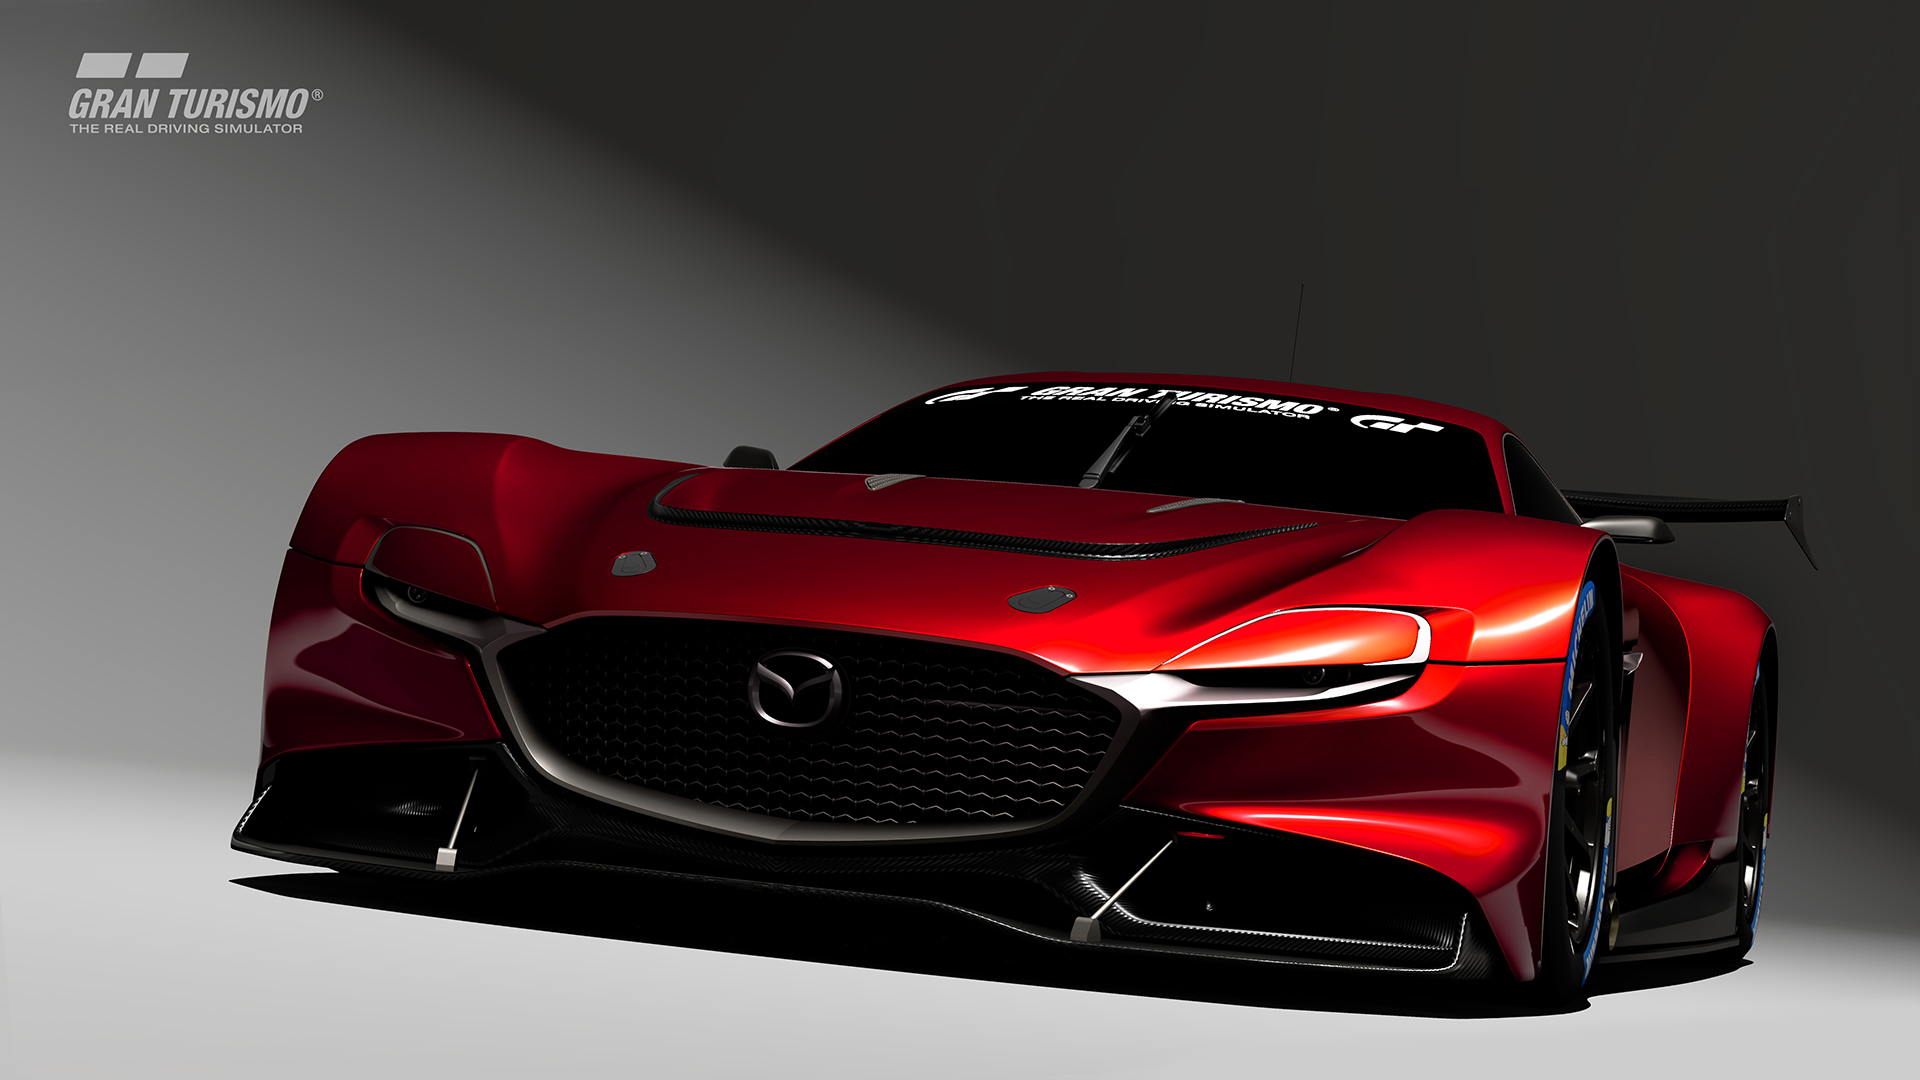 imagen de Gran Turismo Sport 1.59 Mazda GX-Vision GT3 Concept